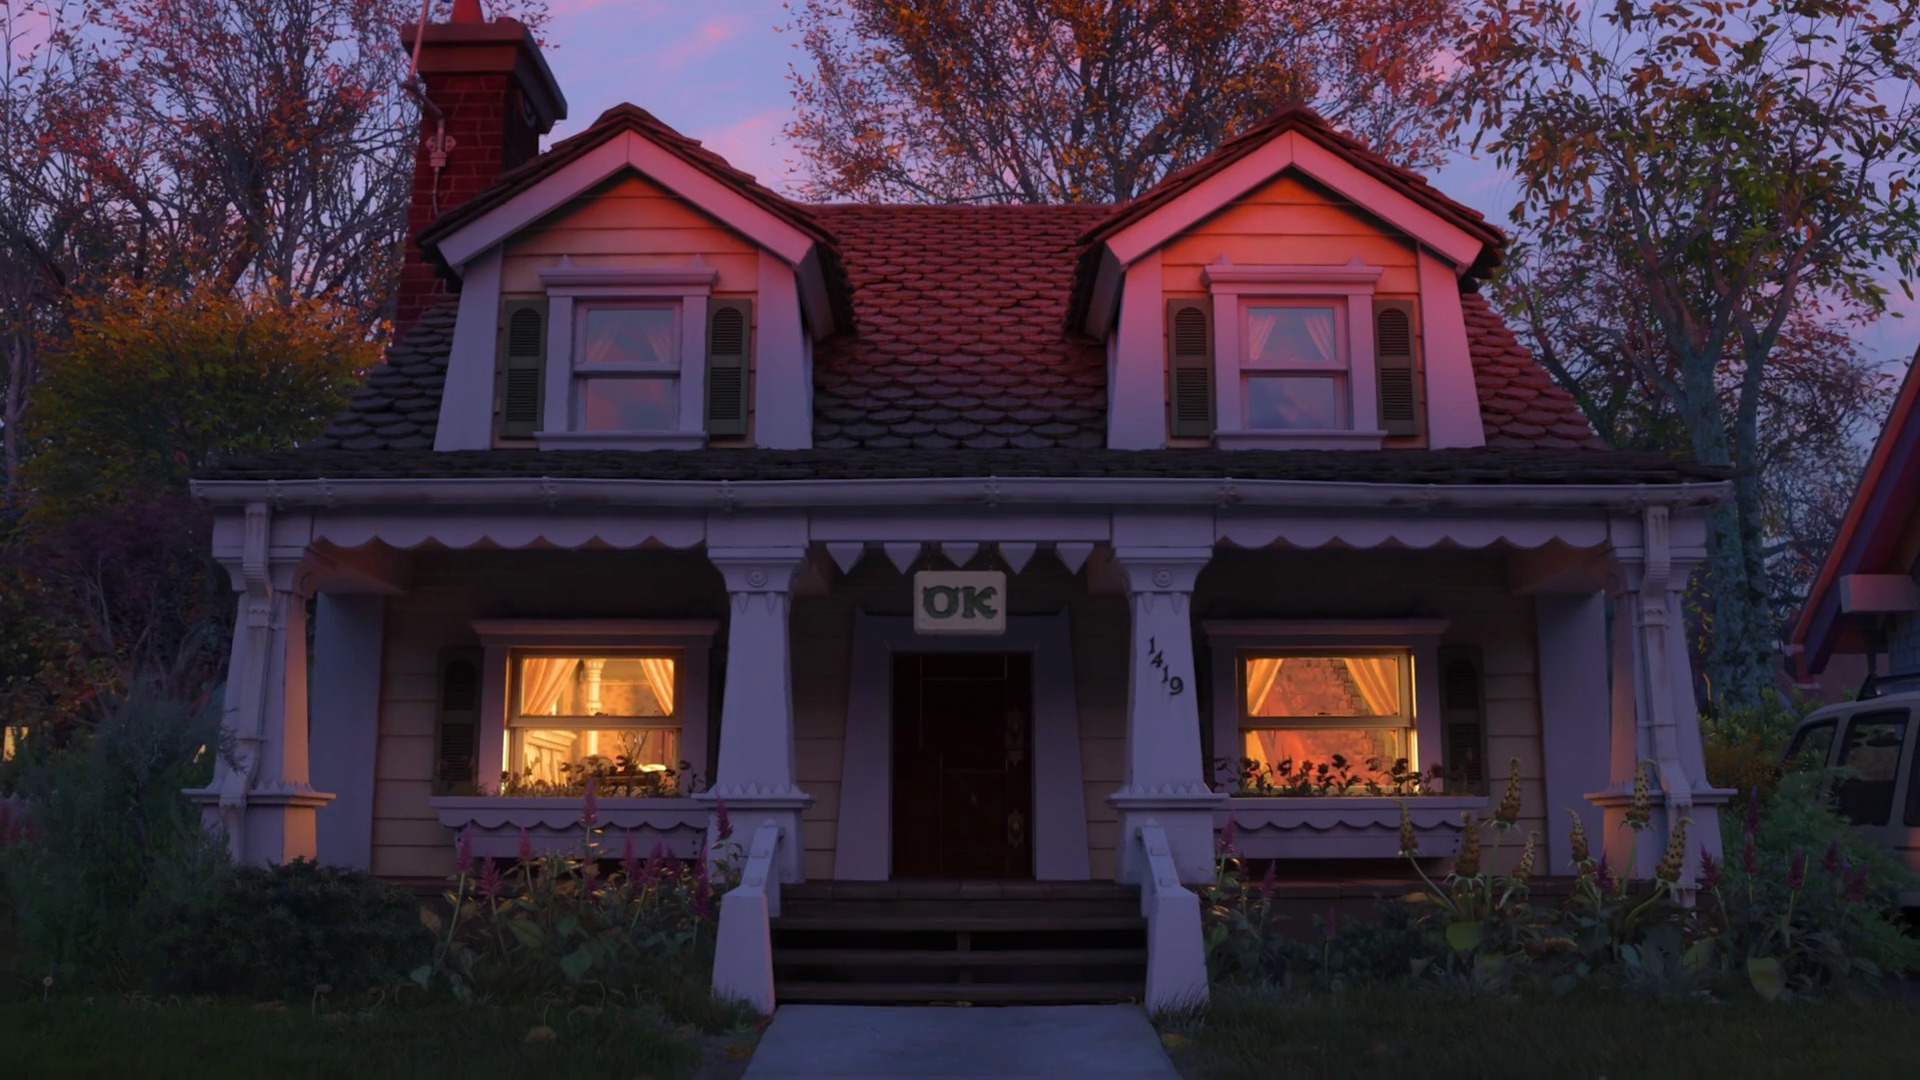 La Casa de Squishy